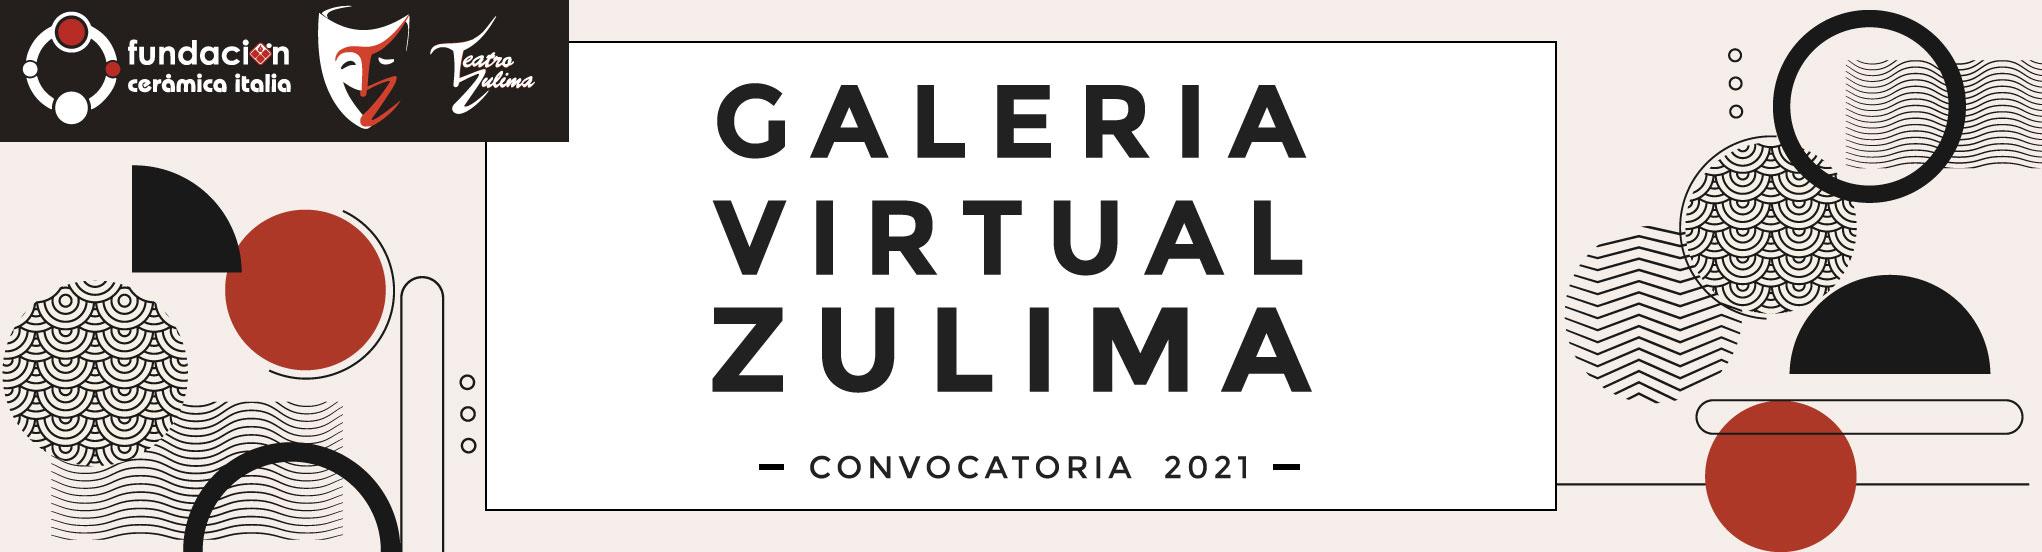 Visita la Galería Virtual Zulima